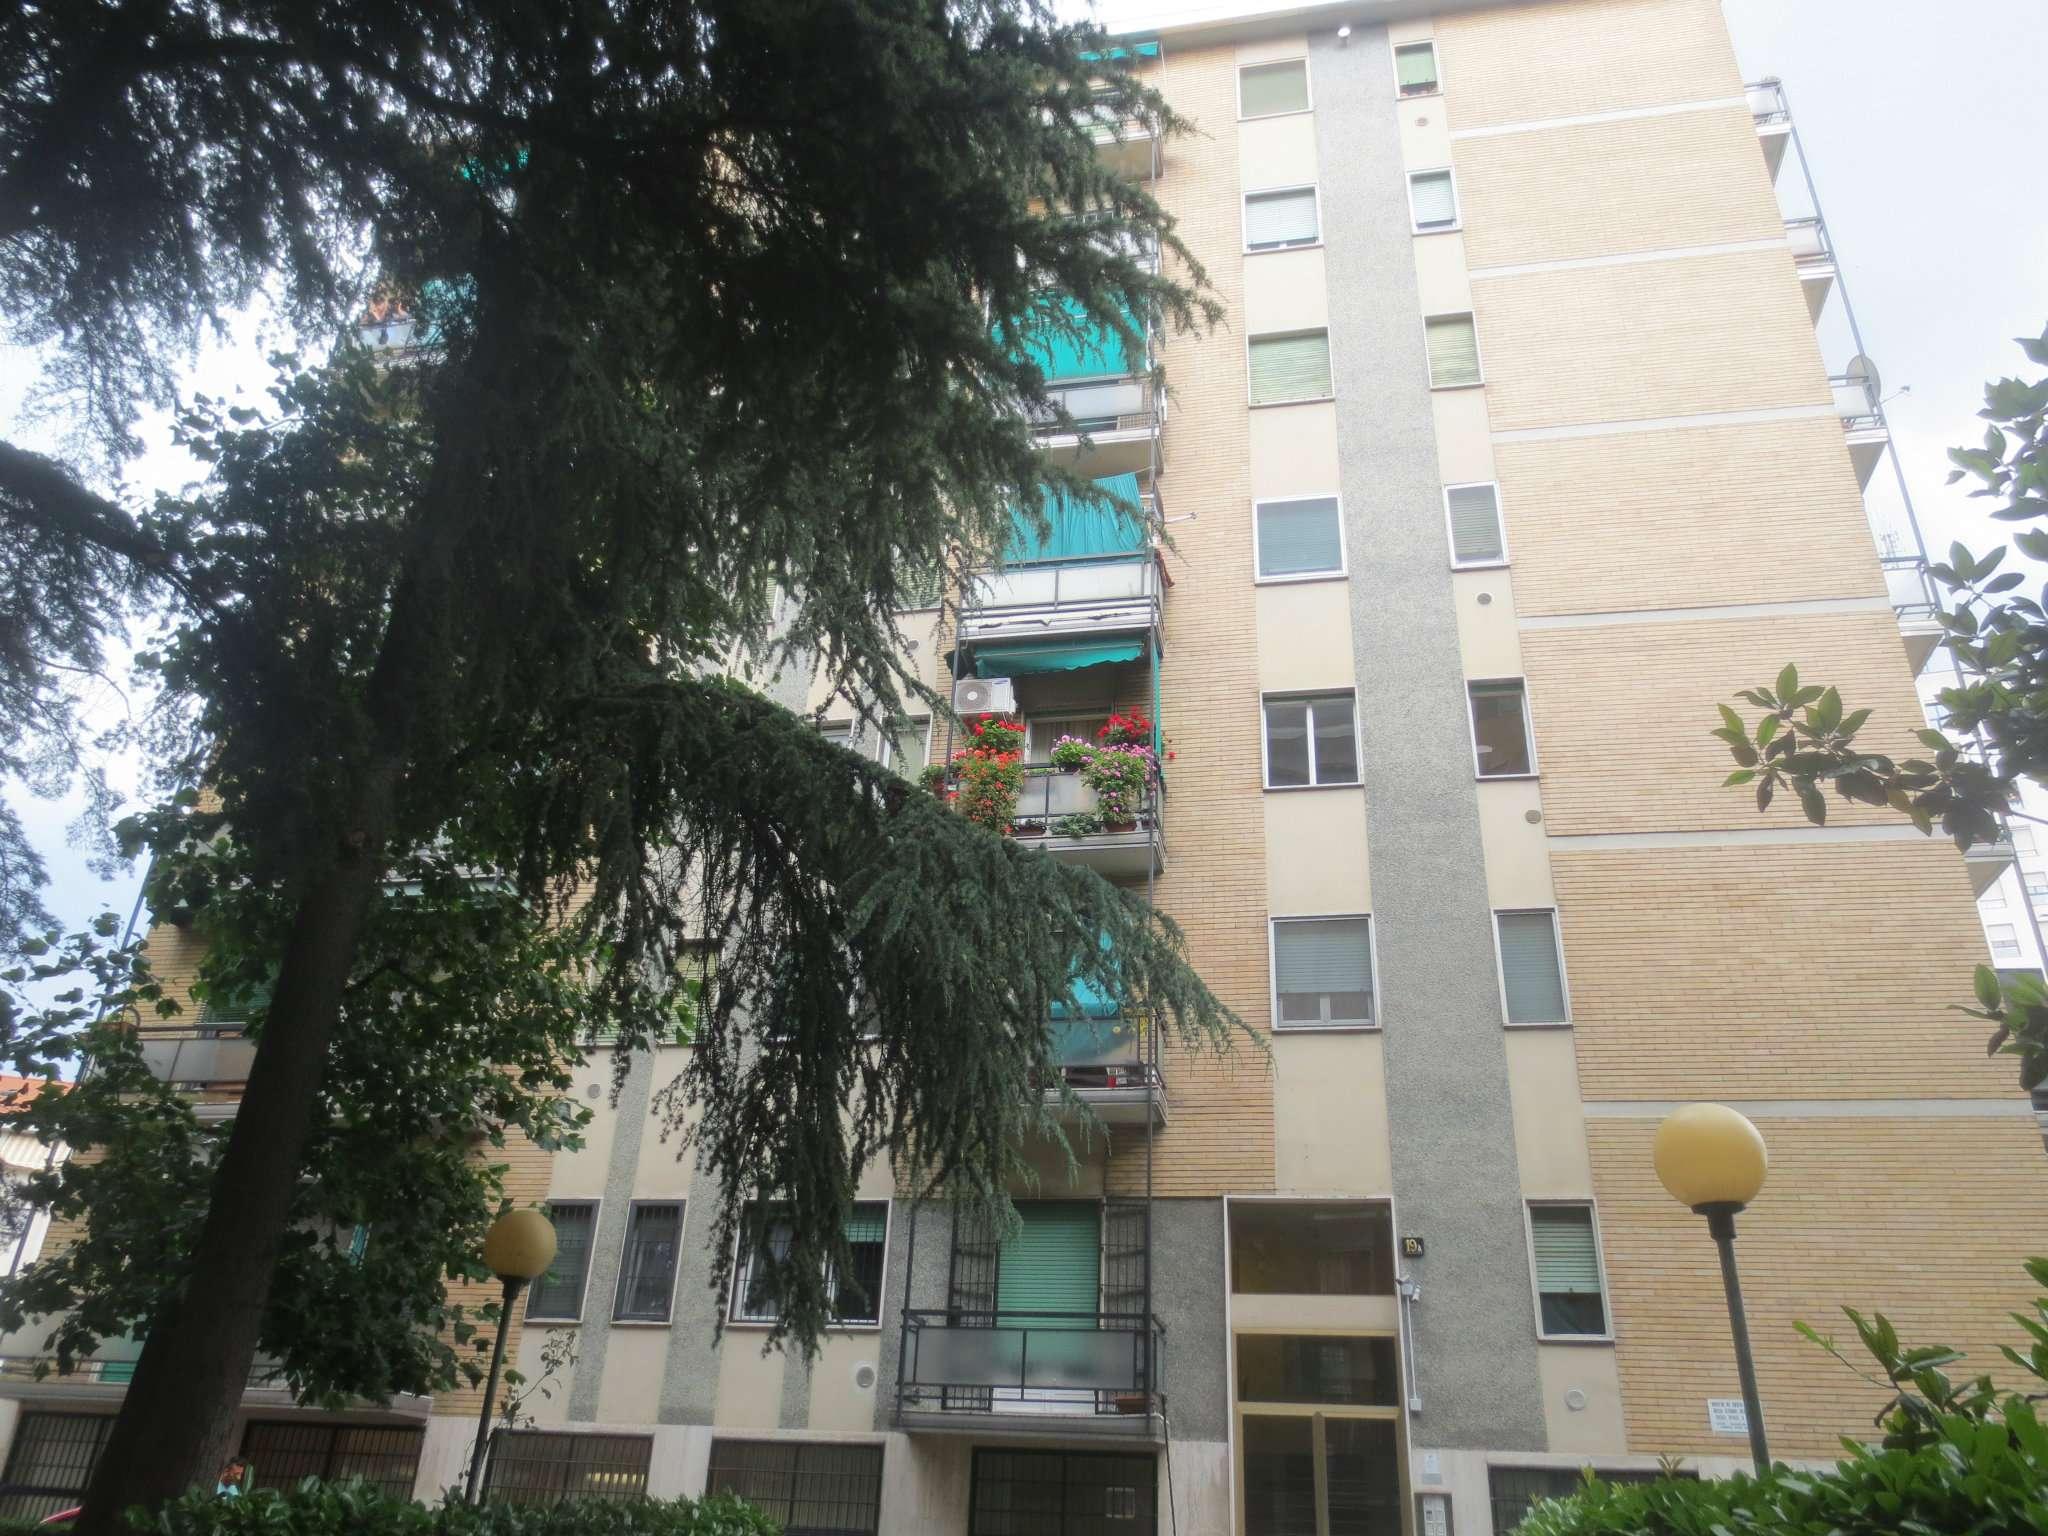 Bilocale Milano Via Marco D'agrate 1